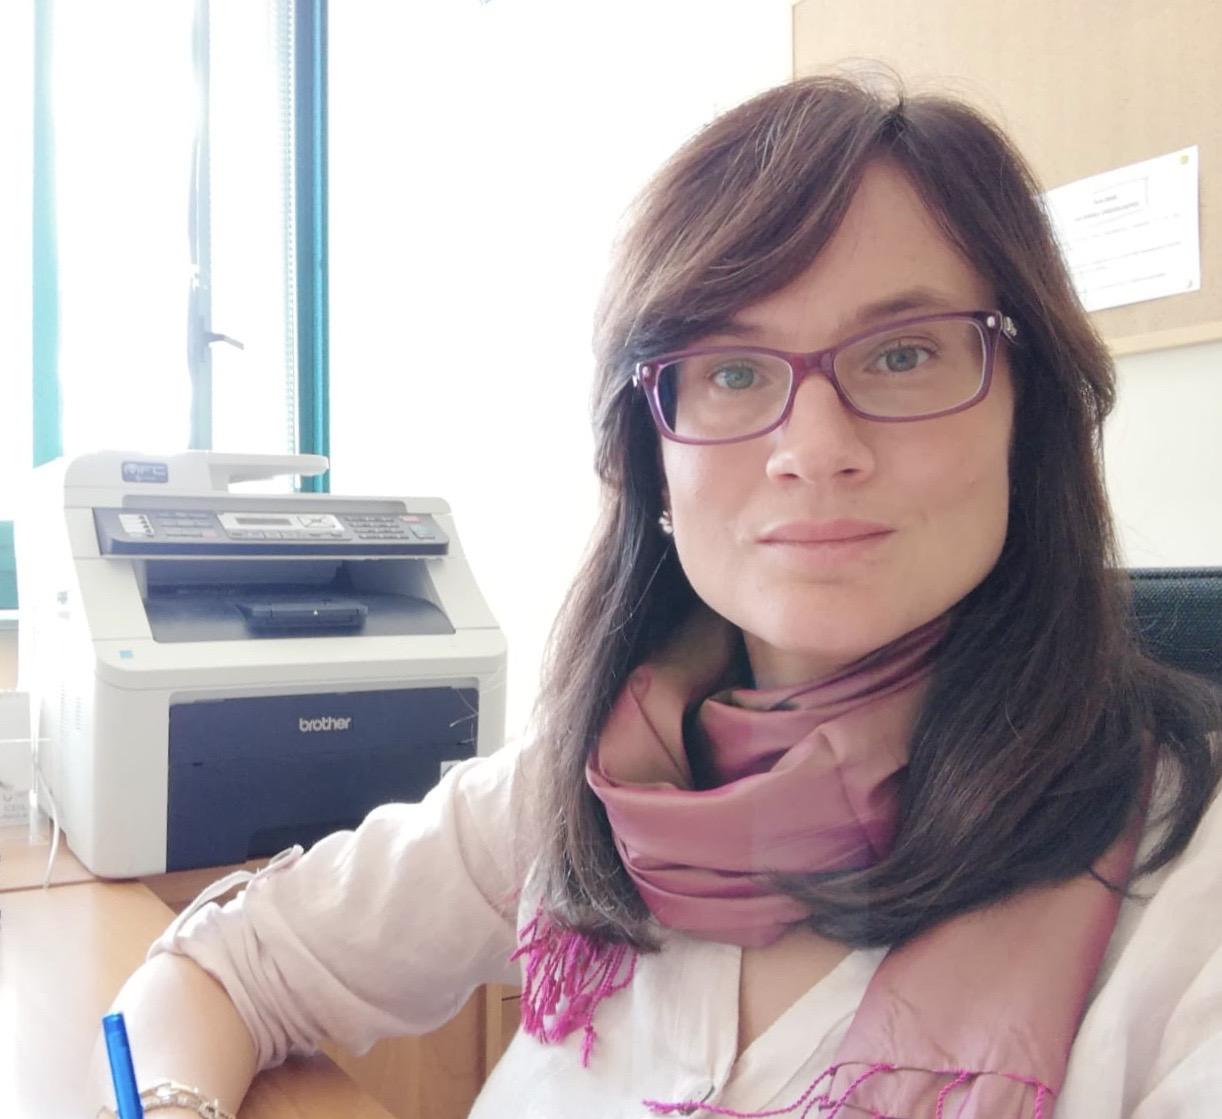 ELENA PIERRO